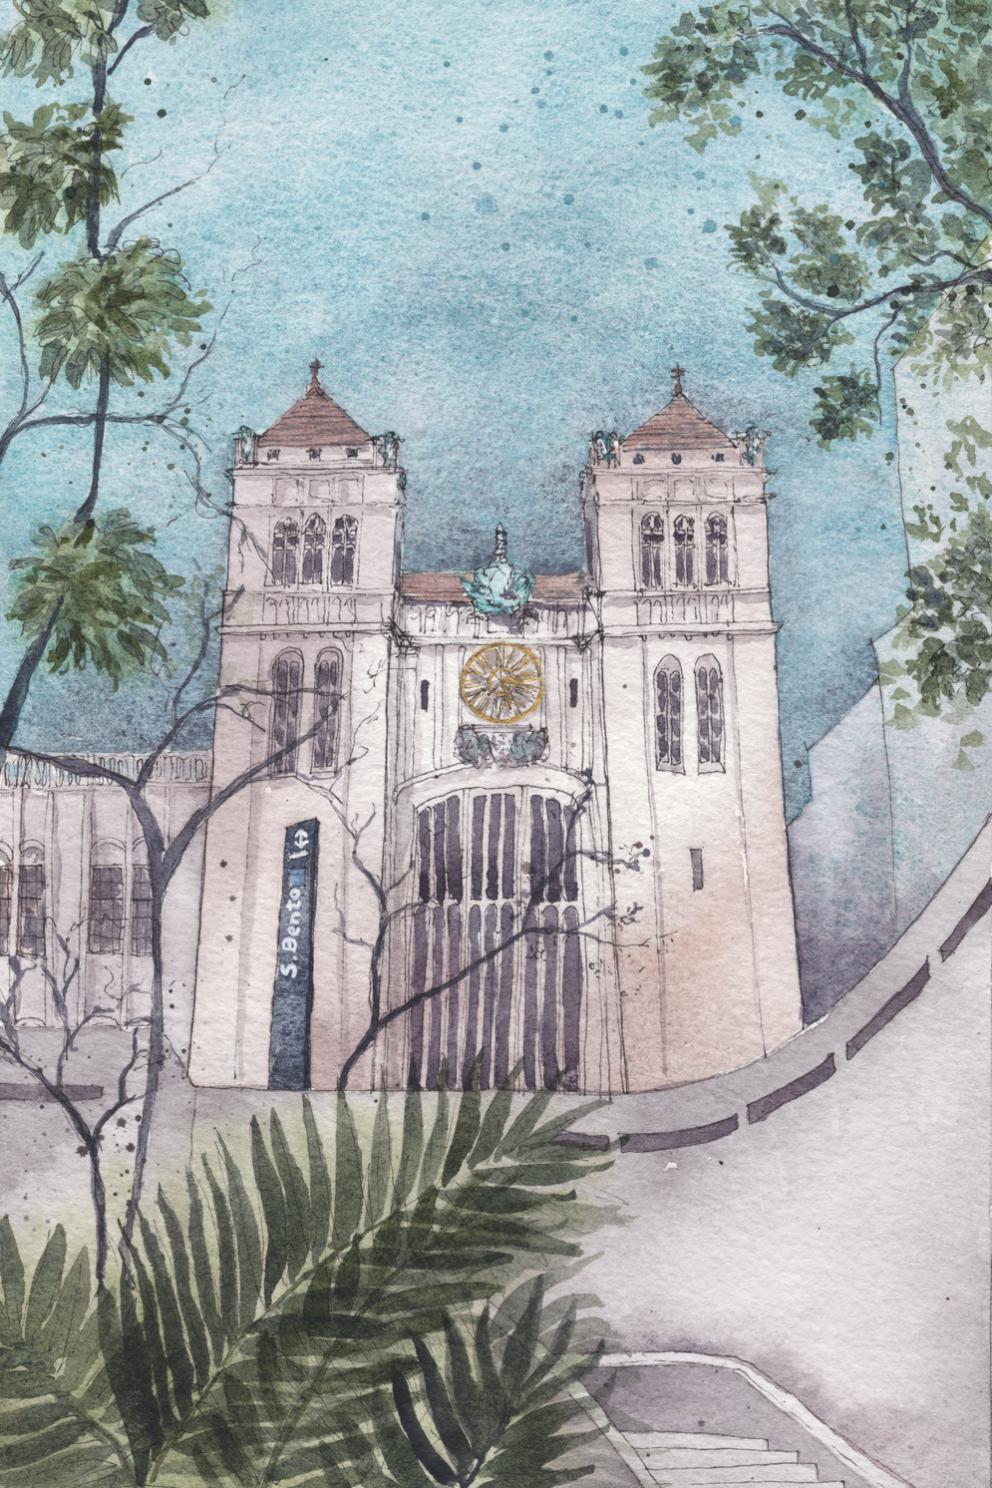 Mosteiro_Sao_Bento_Fernanda_Vaz_de_Campos